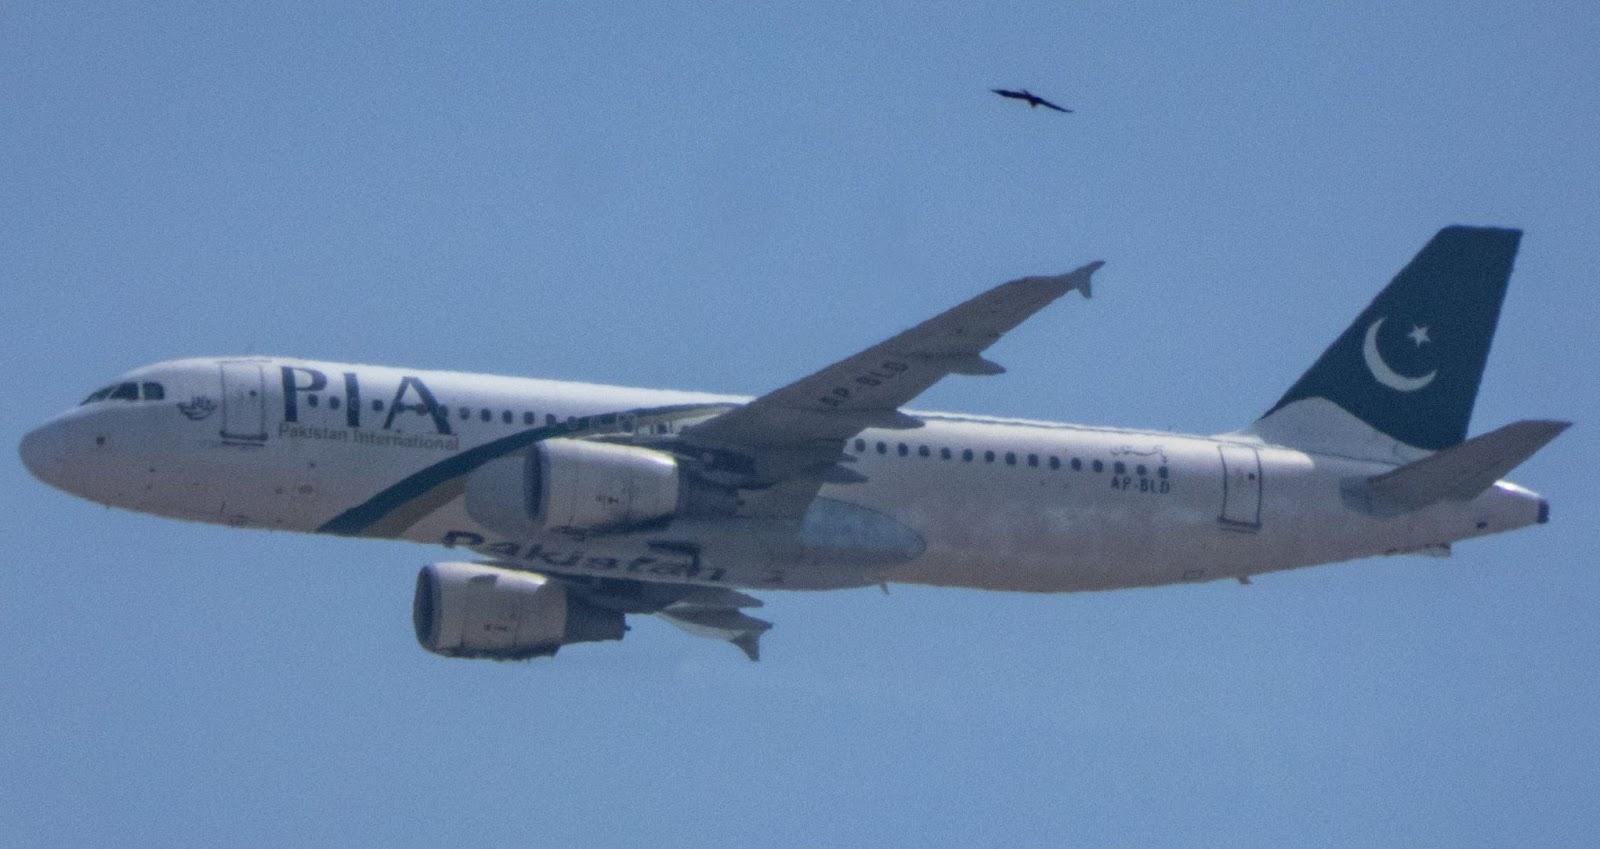 복행 후 파키스탄항공 8303편